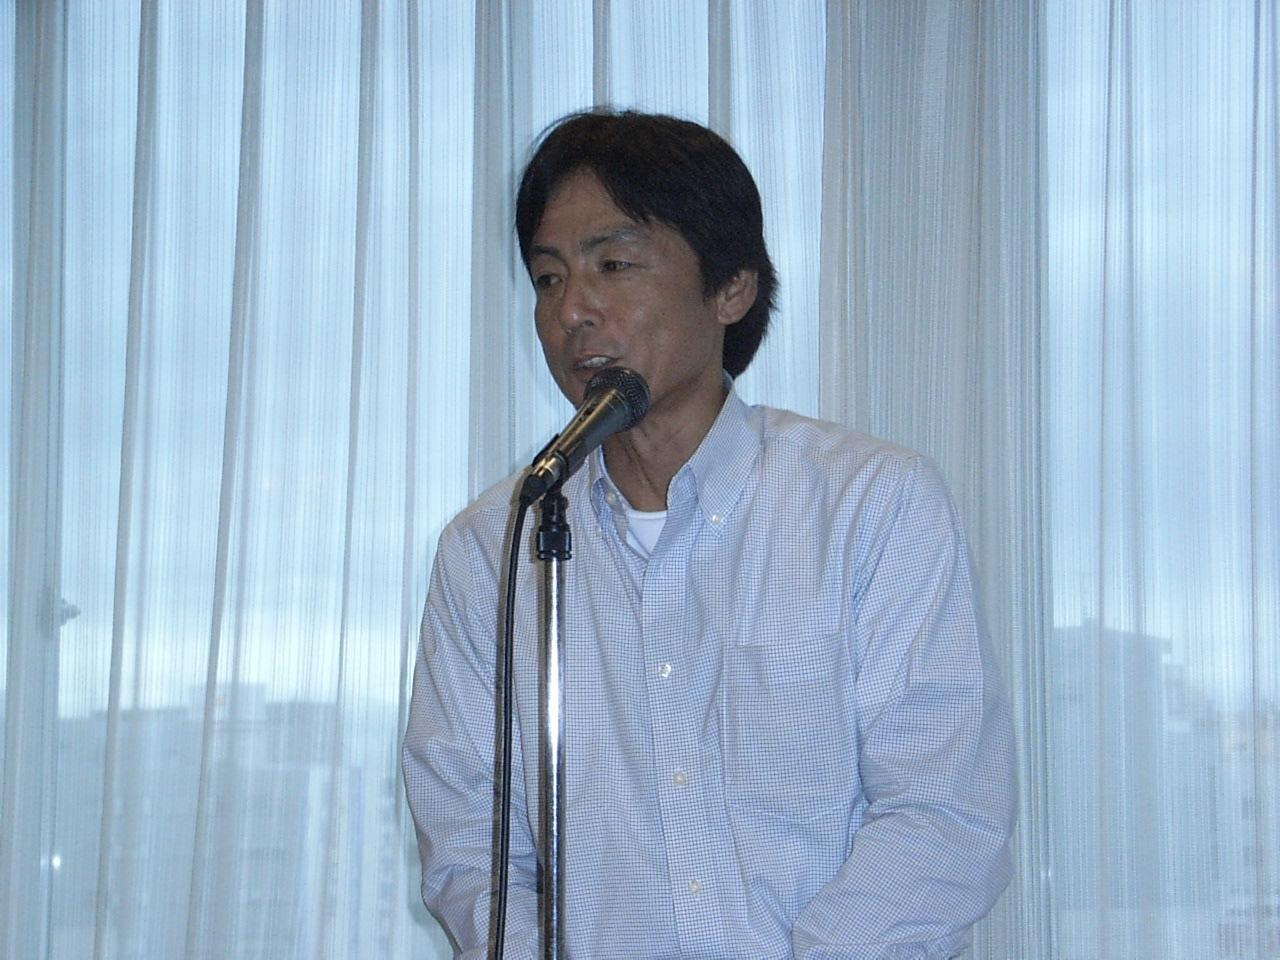 平成25年6月29日(土) 熊本県支部総会・懇親会_f0184133_15454736.jpg